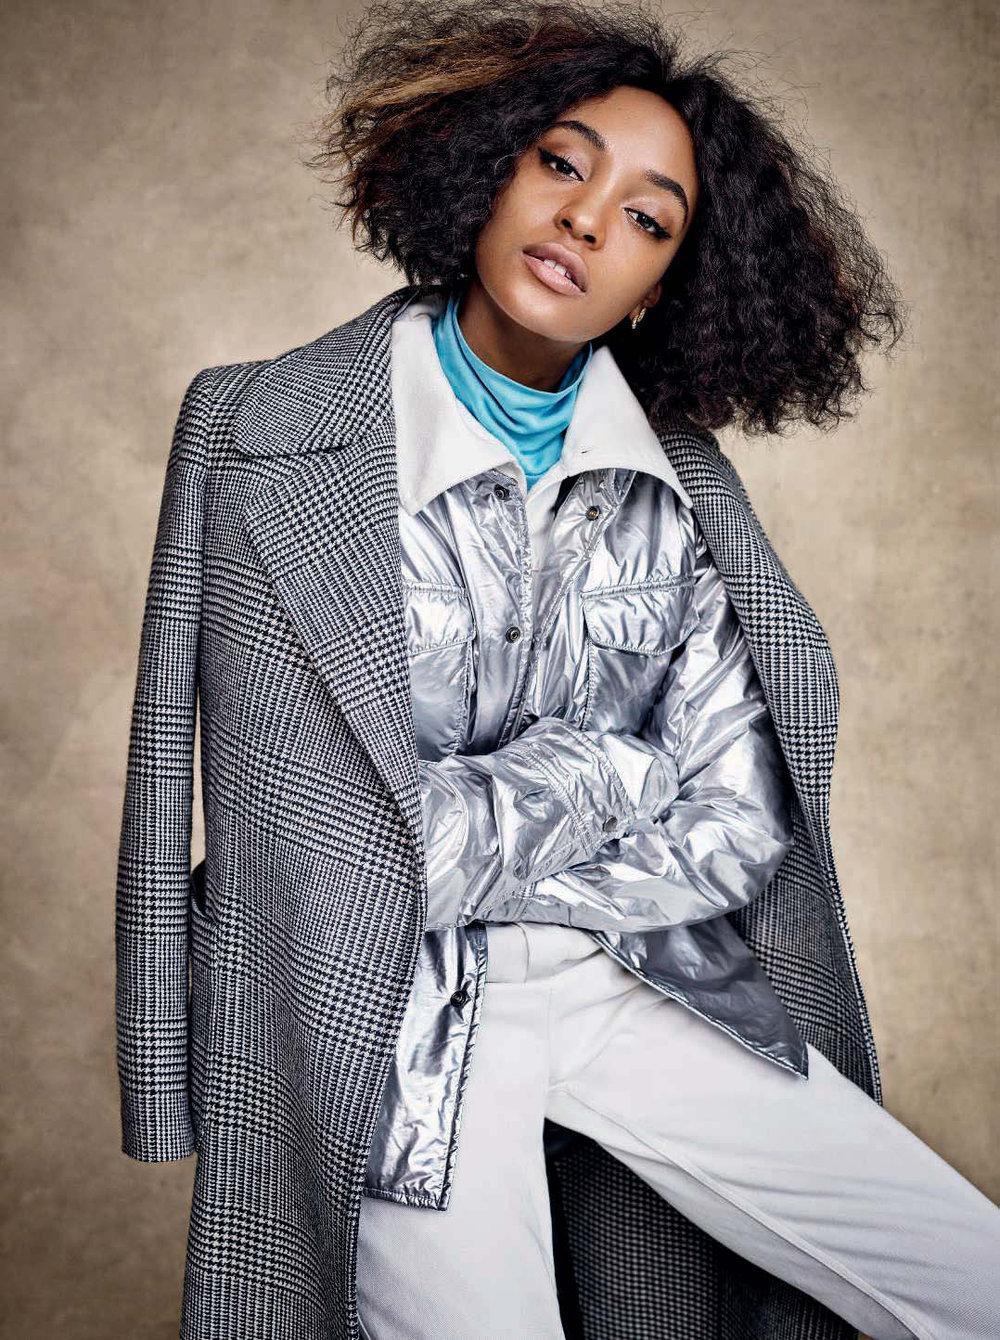 Jourdan Dunn by Victor Demarchelier for Elle Italia Nov 2018 (11).jpg